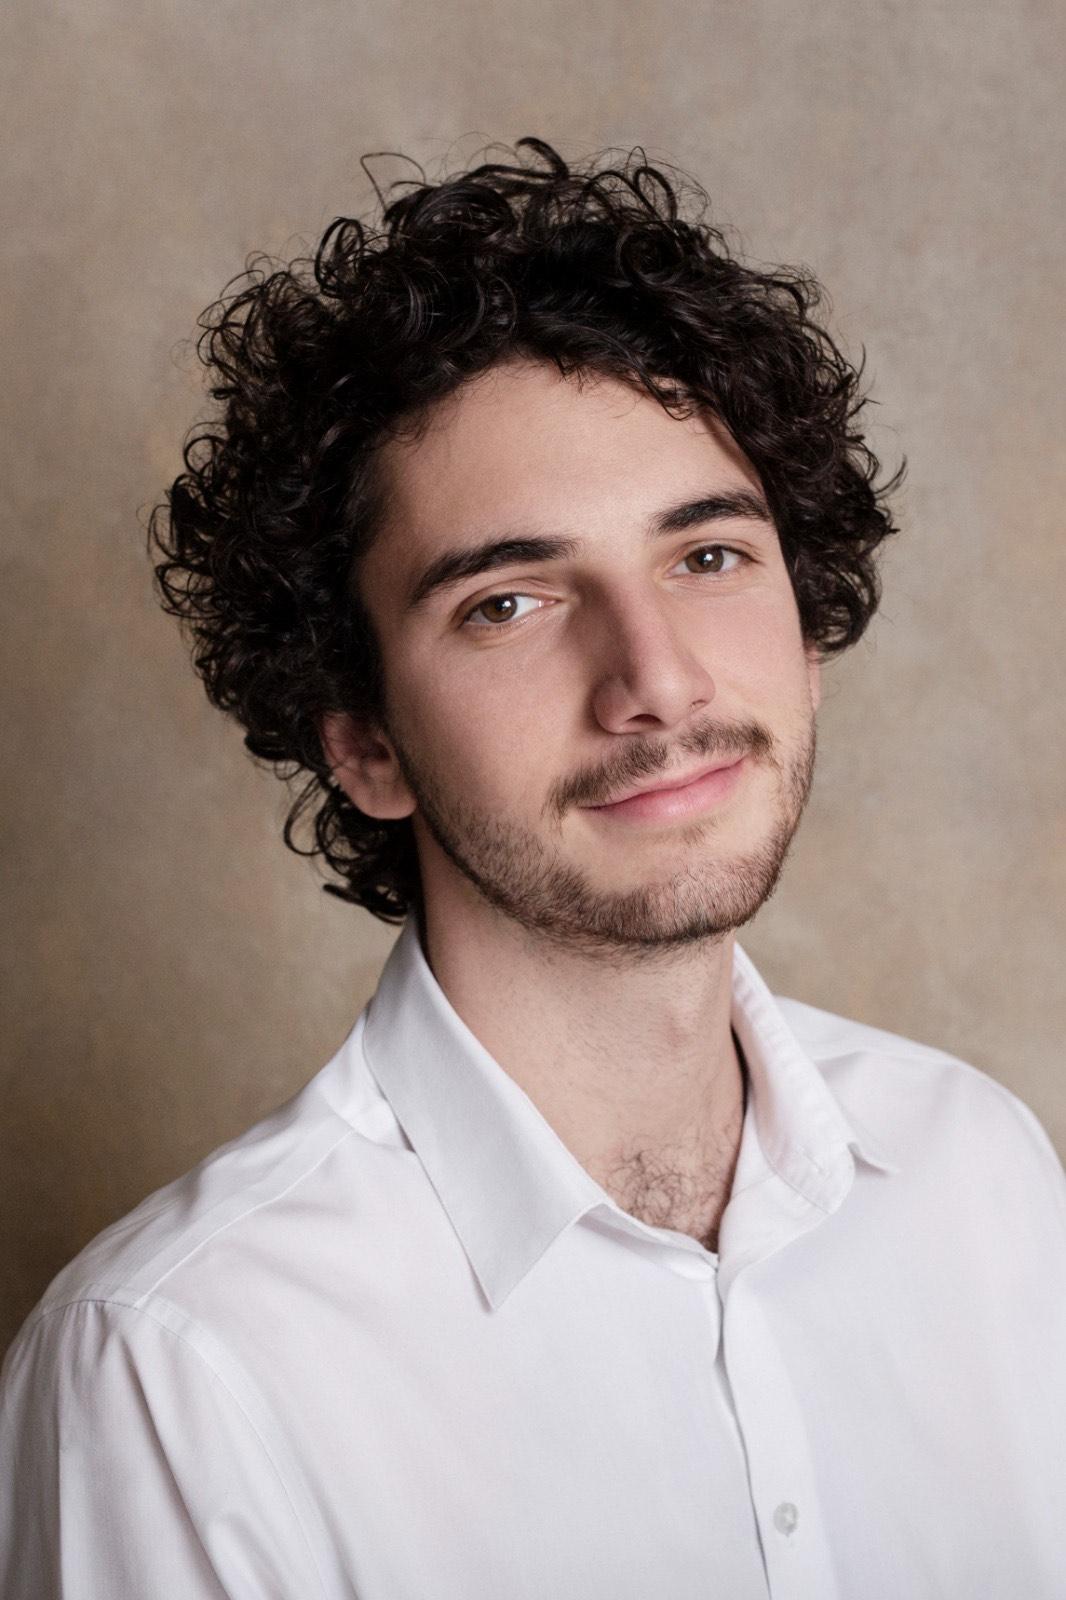 Santiago Mezzano